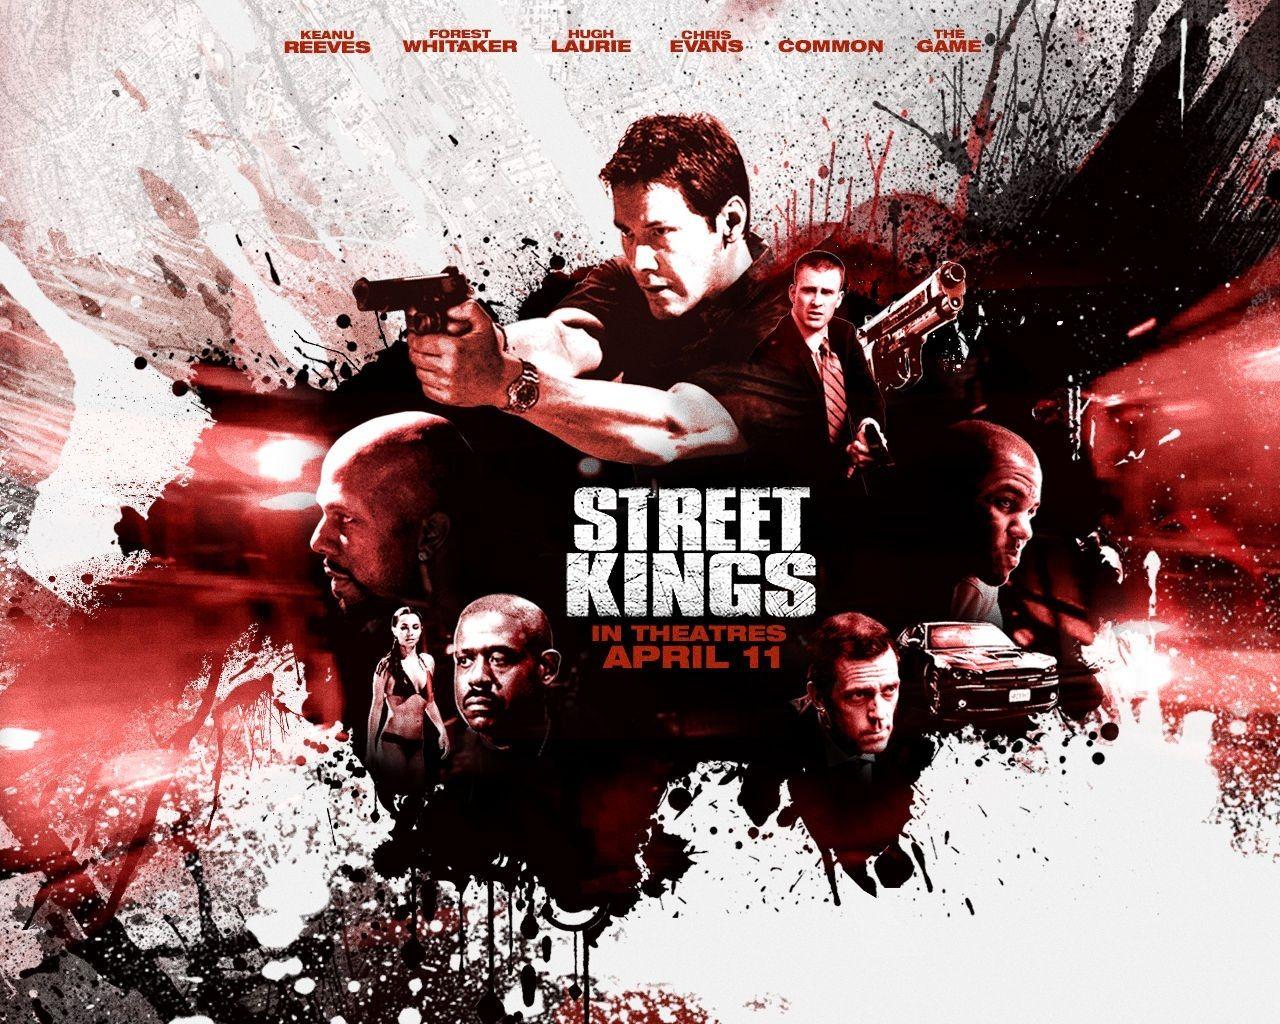 street-kings-movie-1271983720.jpg